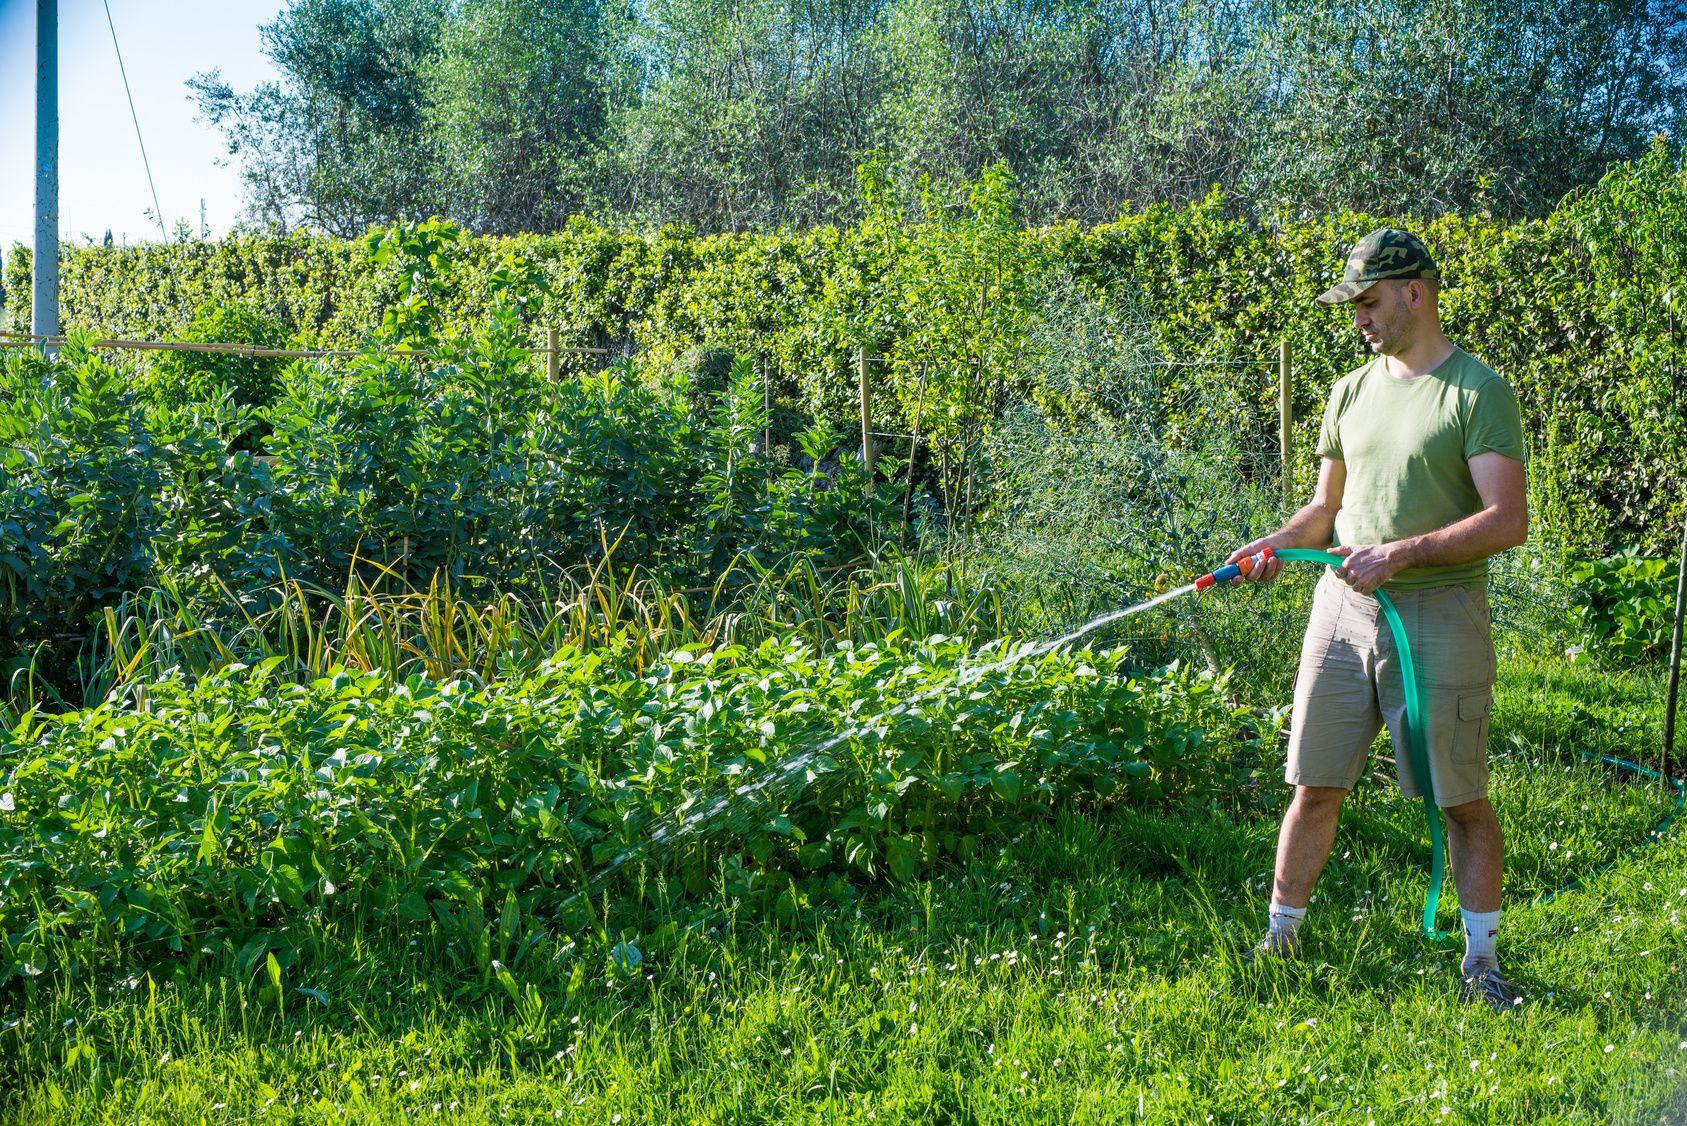 Pompe Pour Puits : Une Solution Pratique Pour L'arrosage ... avec Pompe Pour Arroser Le Jardin